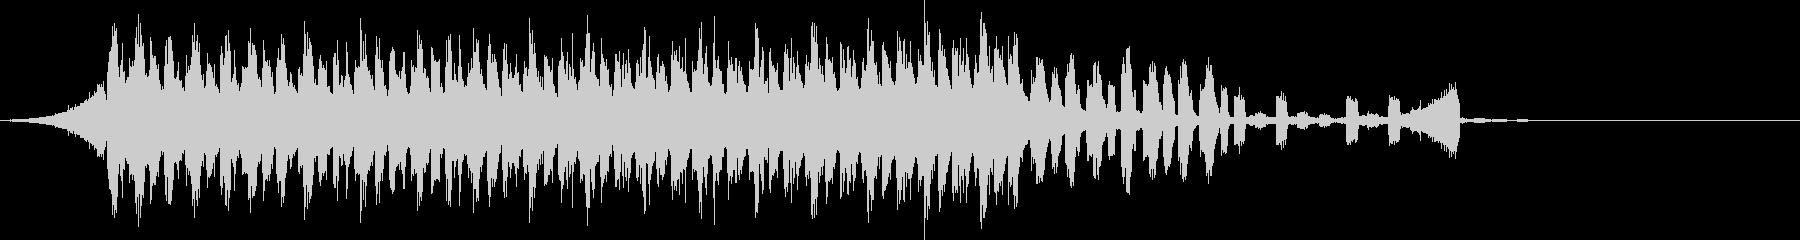 CM明るく爽快軽快ピアノポップジングルaの未再生の波形